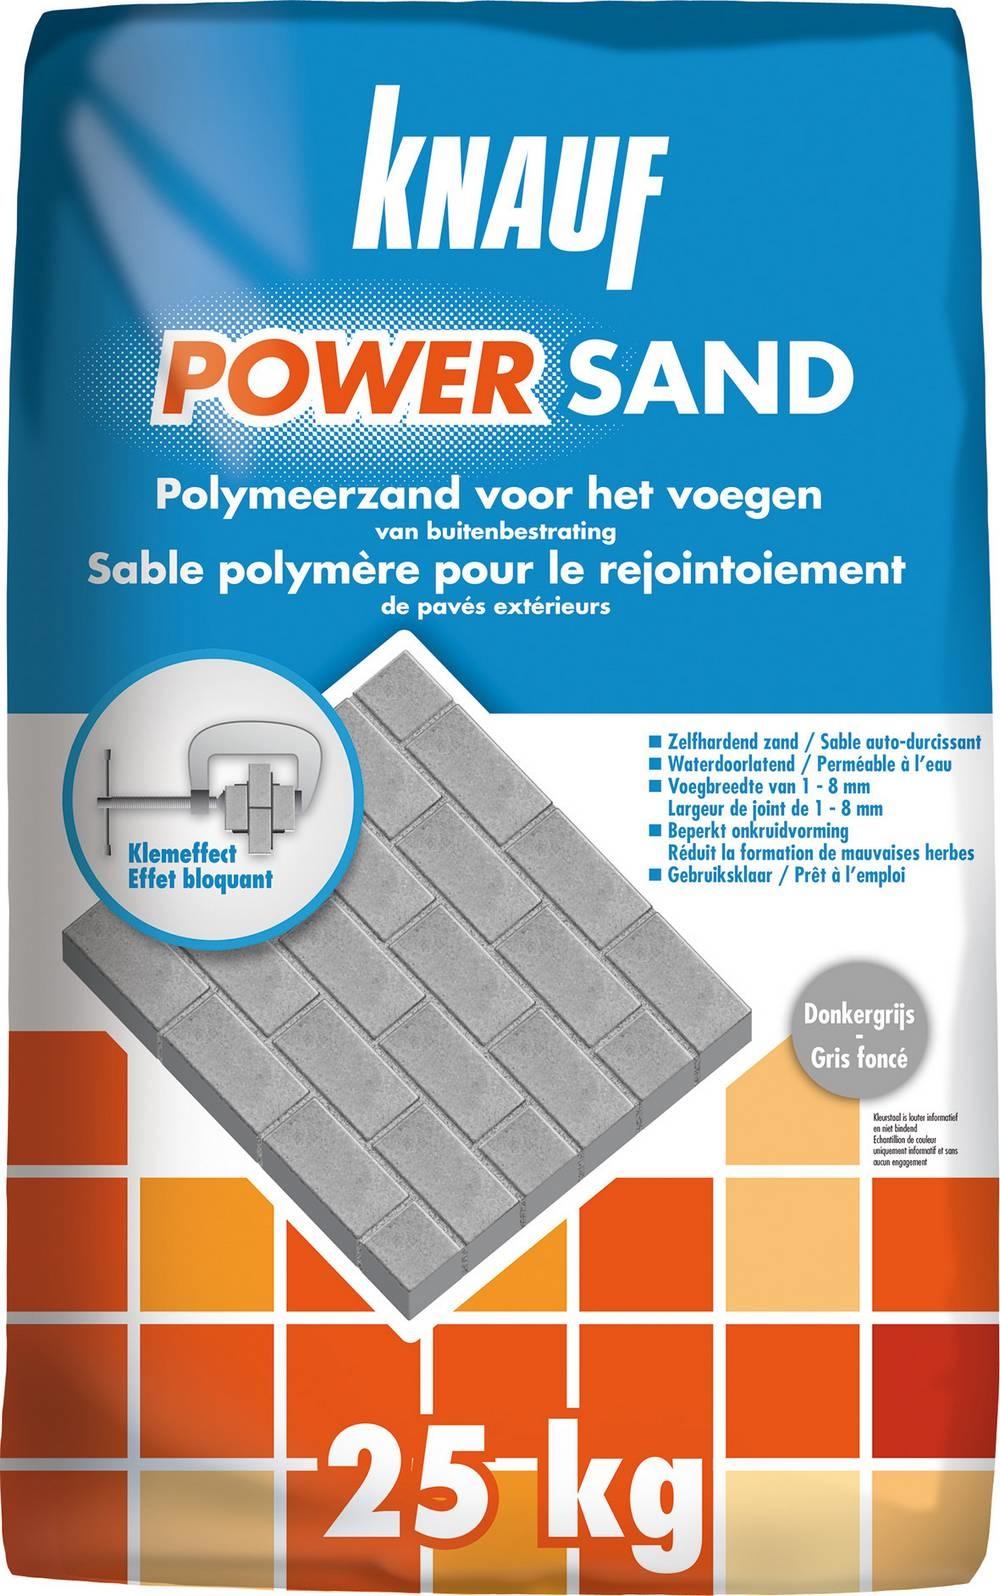 Powersand donkergrijs zakgoed 25kg (42)